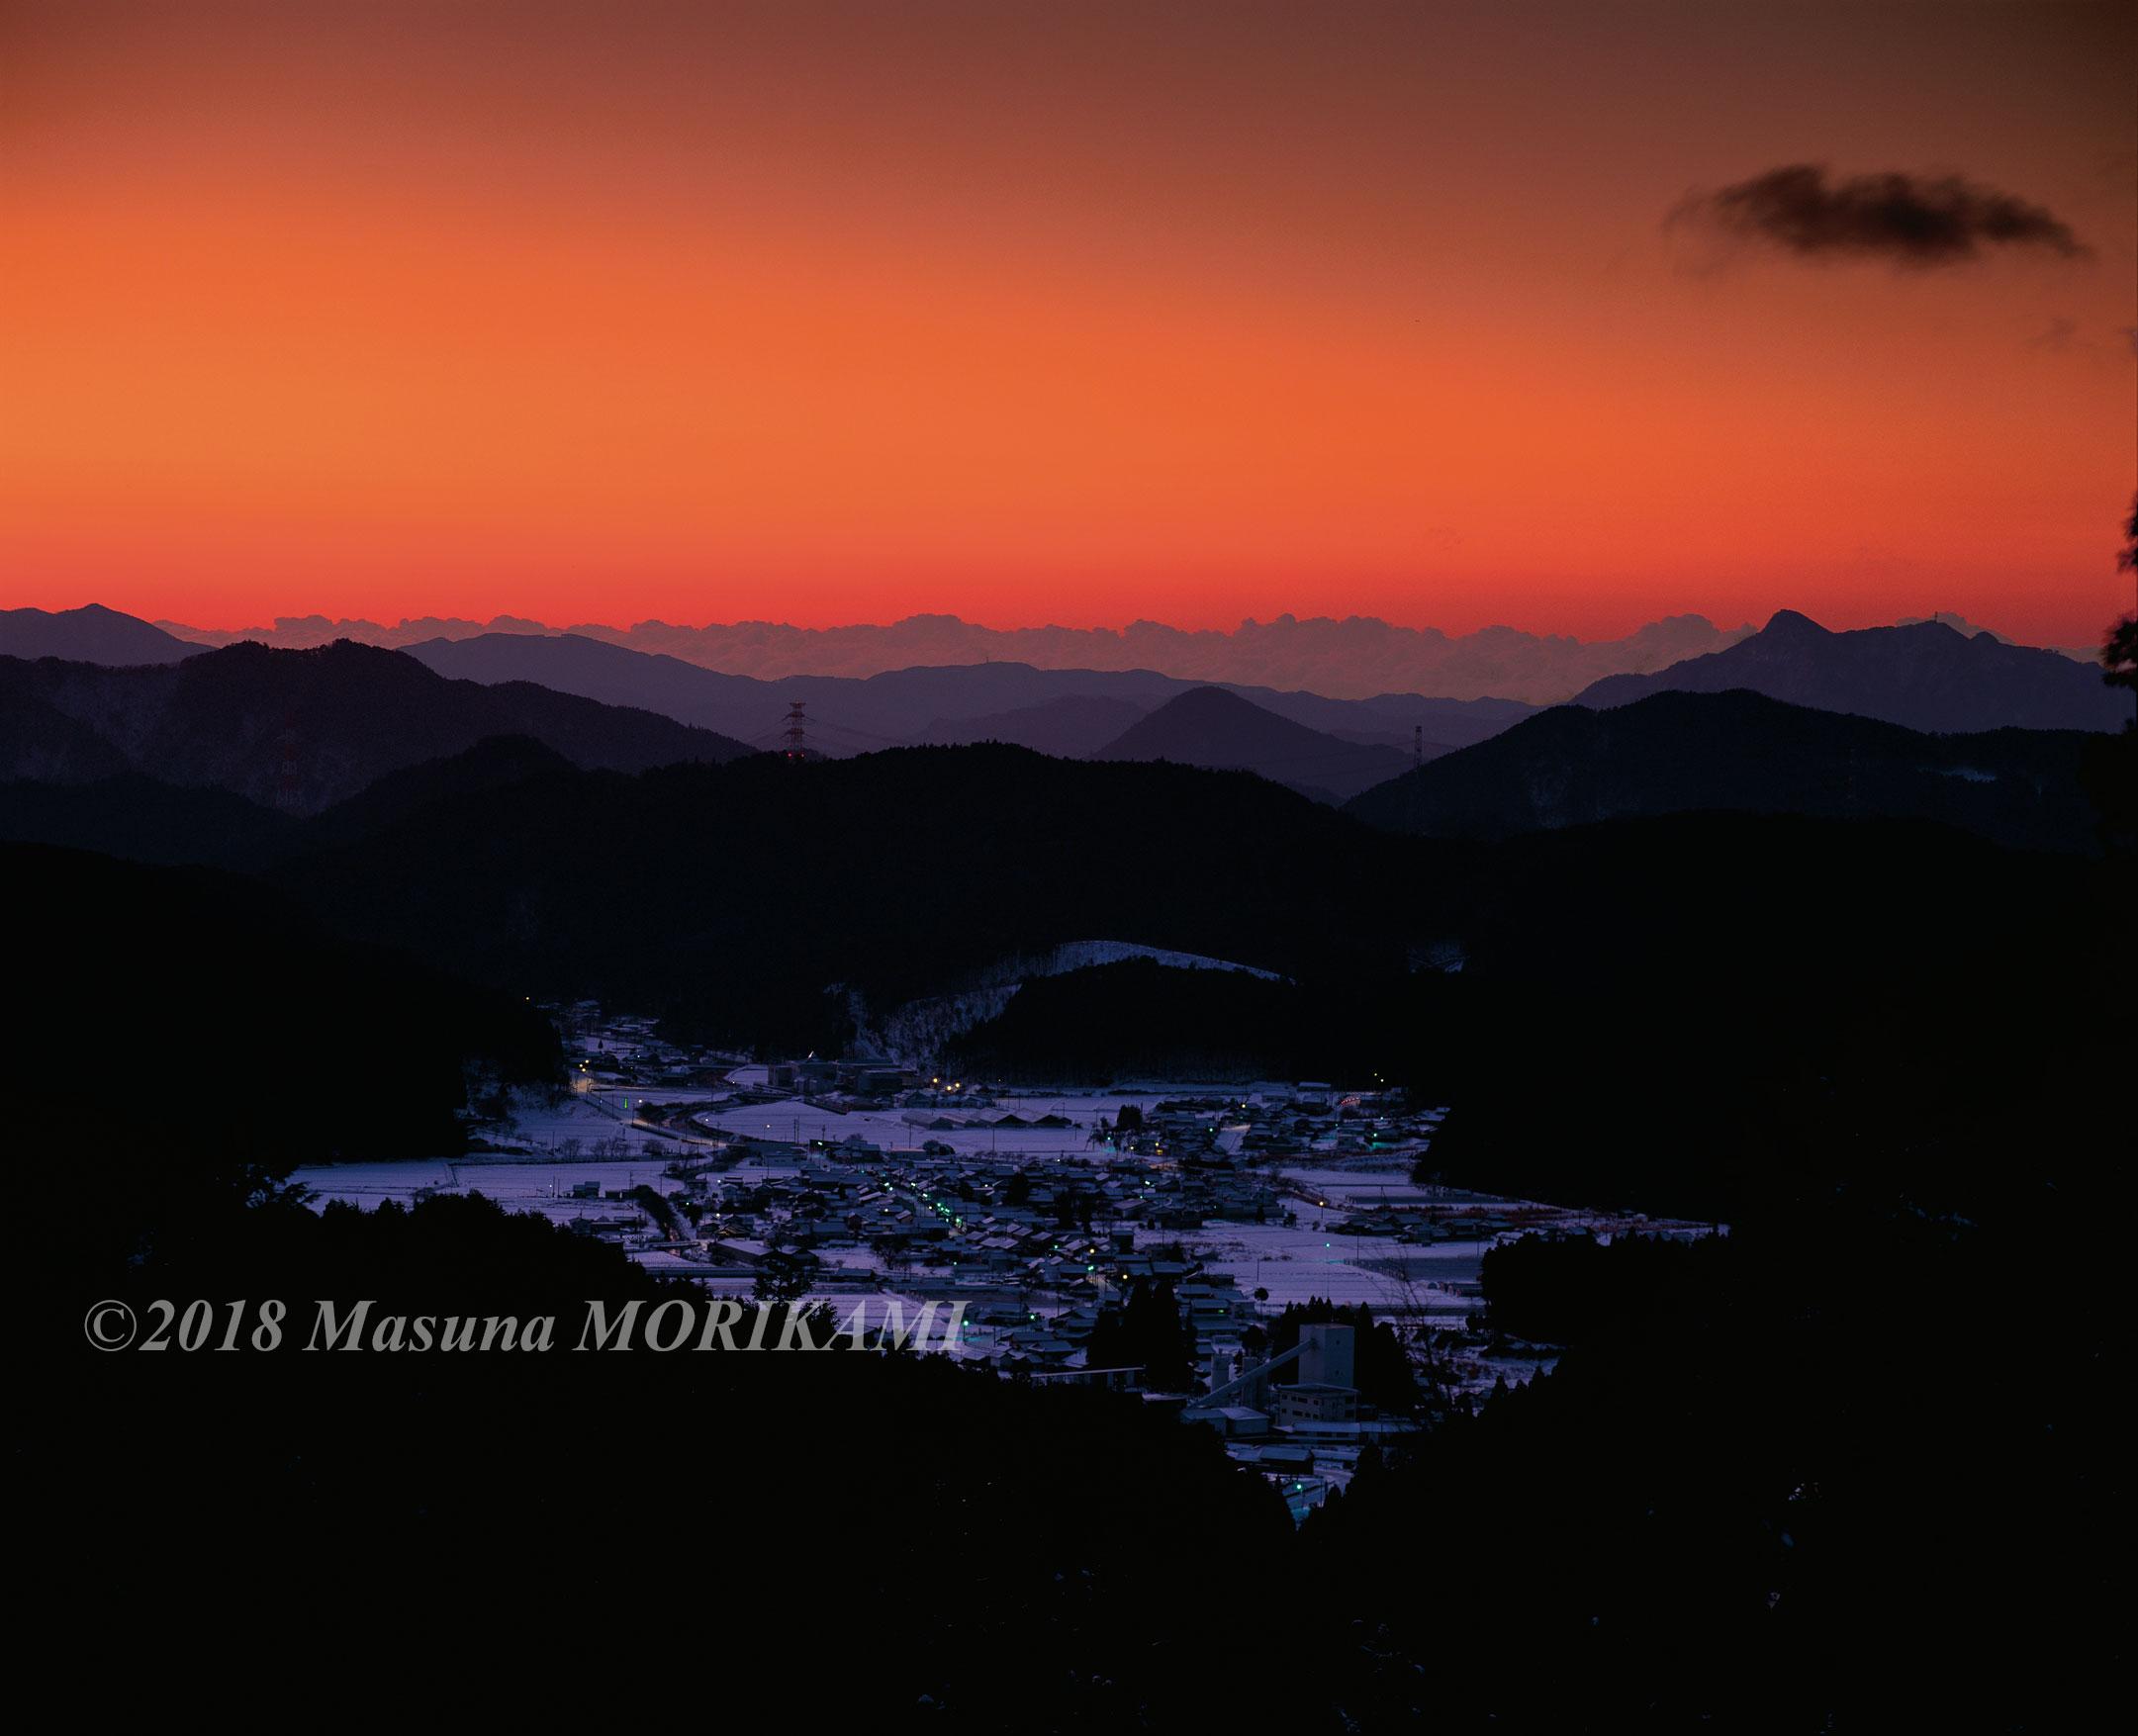 01 夜明け前/愛知県設楽町/2013.1.27 6:30